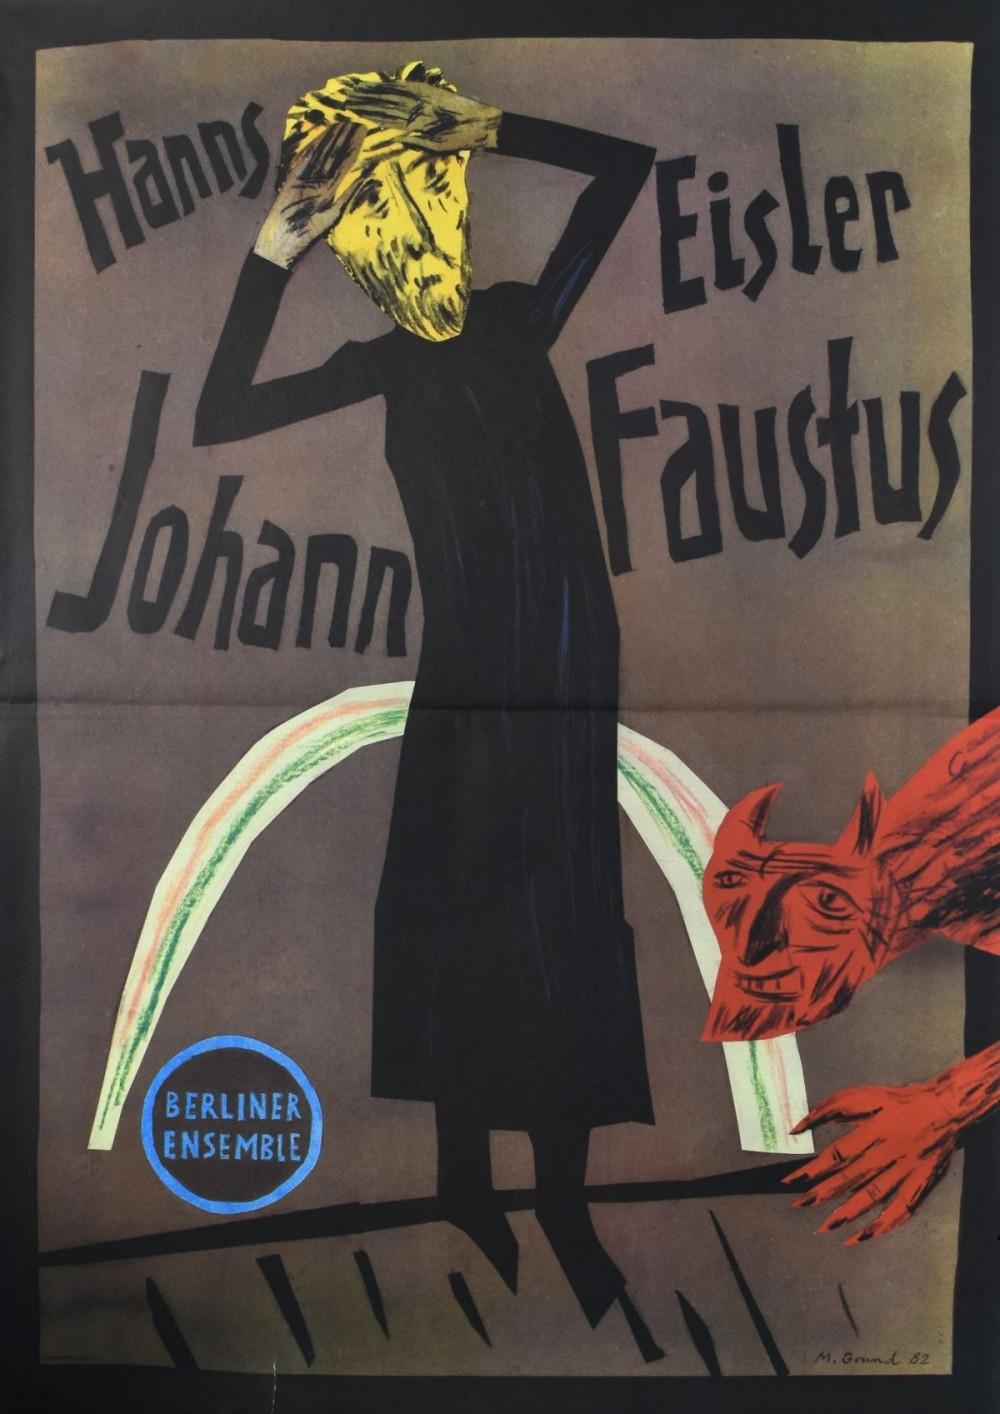 Hanns Eislen Johann Faustus